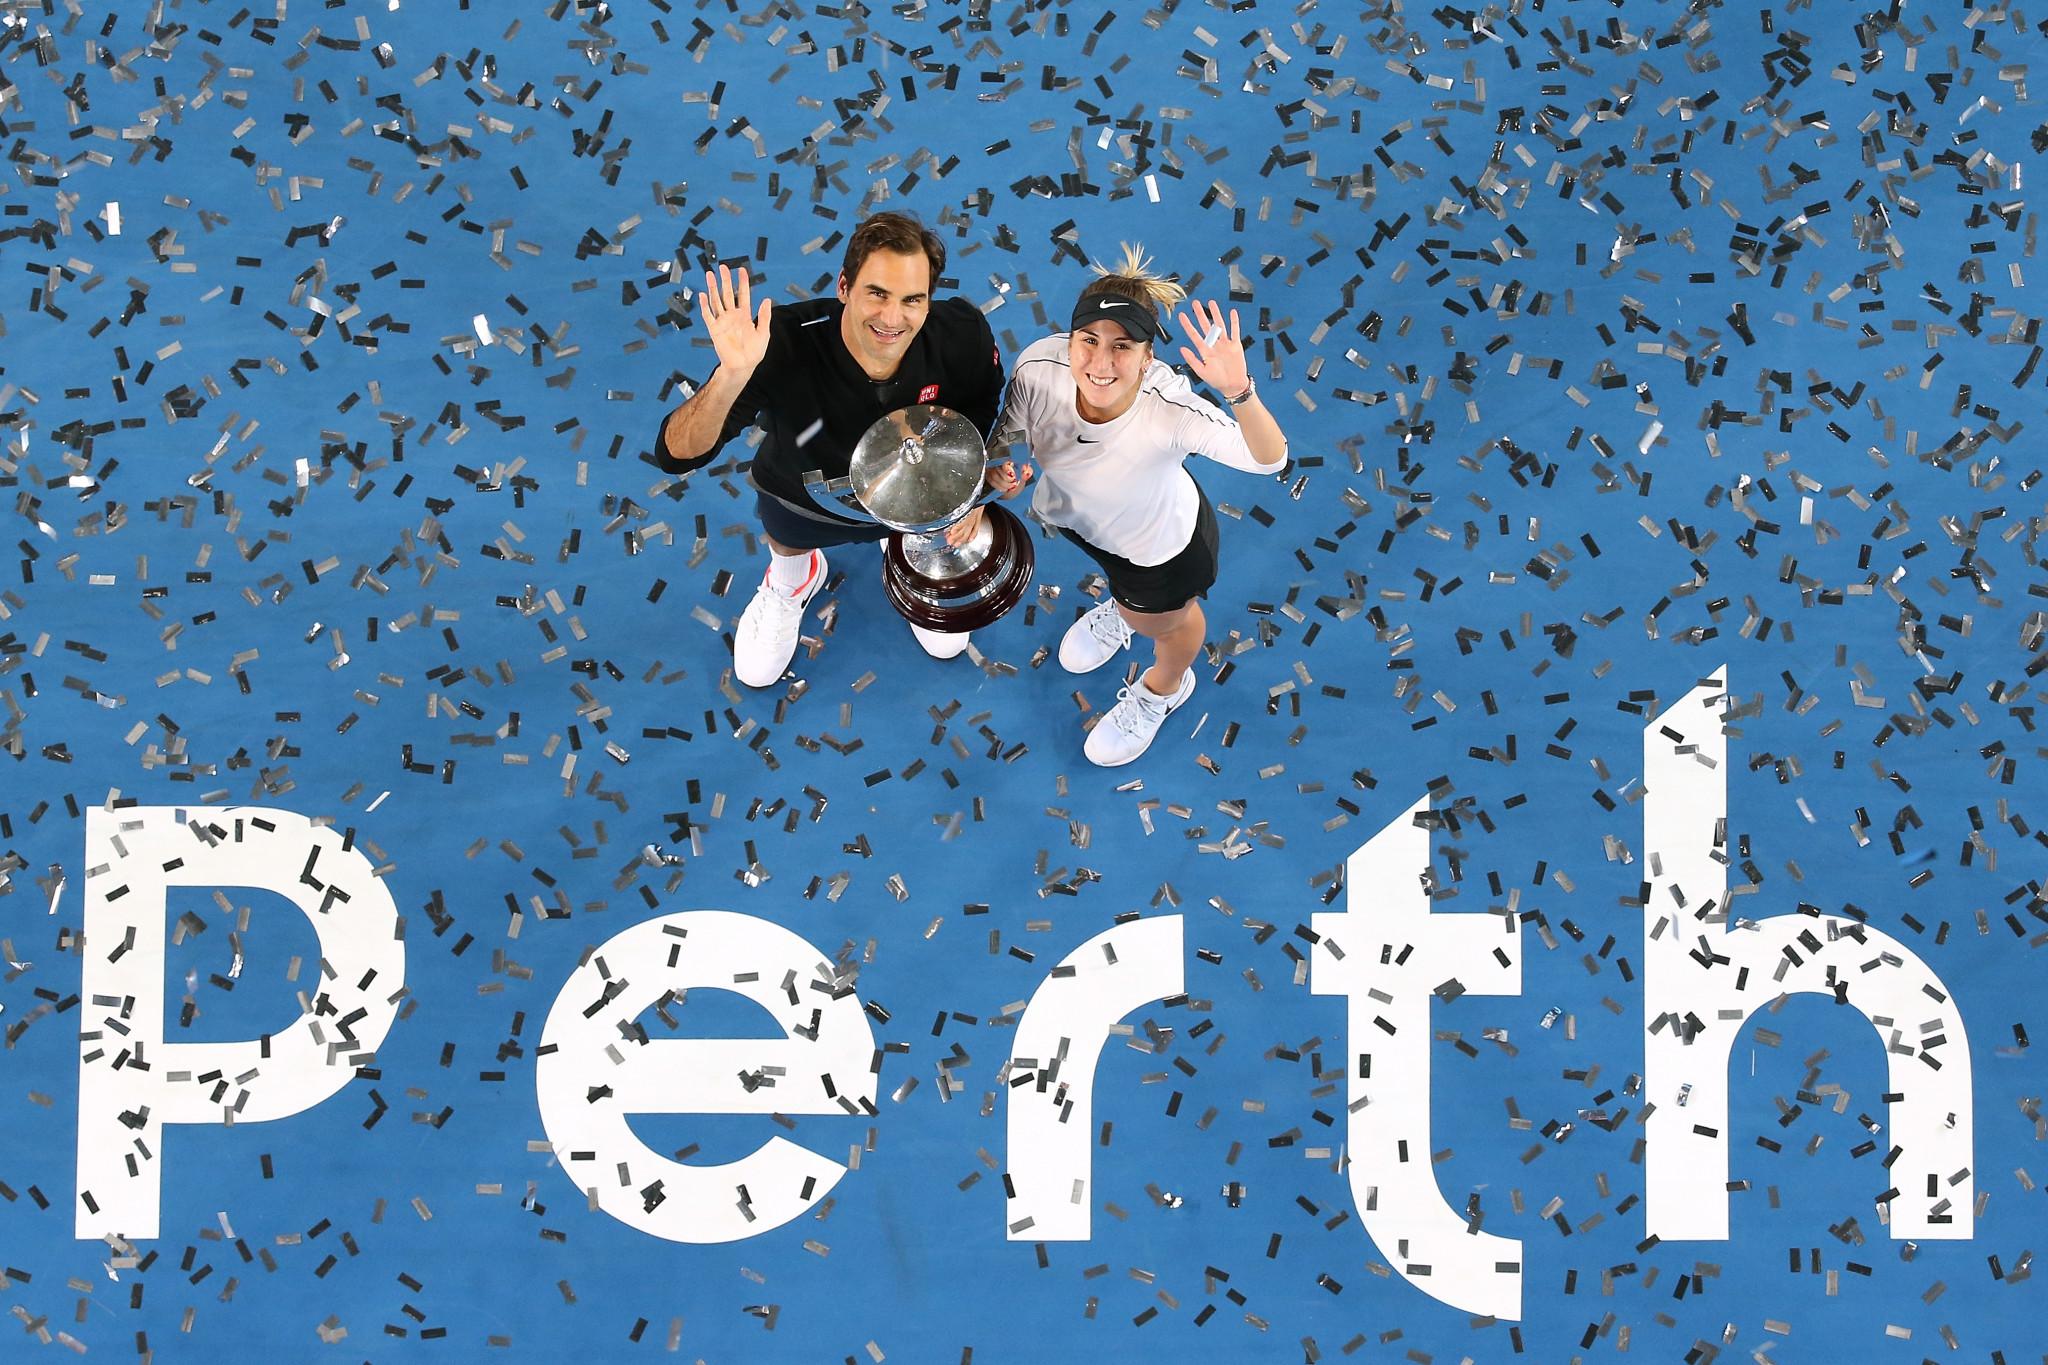 Roger Federer and Belinda Bencic beat Alexander Zverev and Angelique Kerber in today's final ©Getty Images